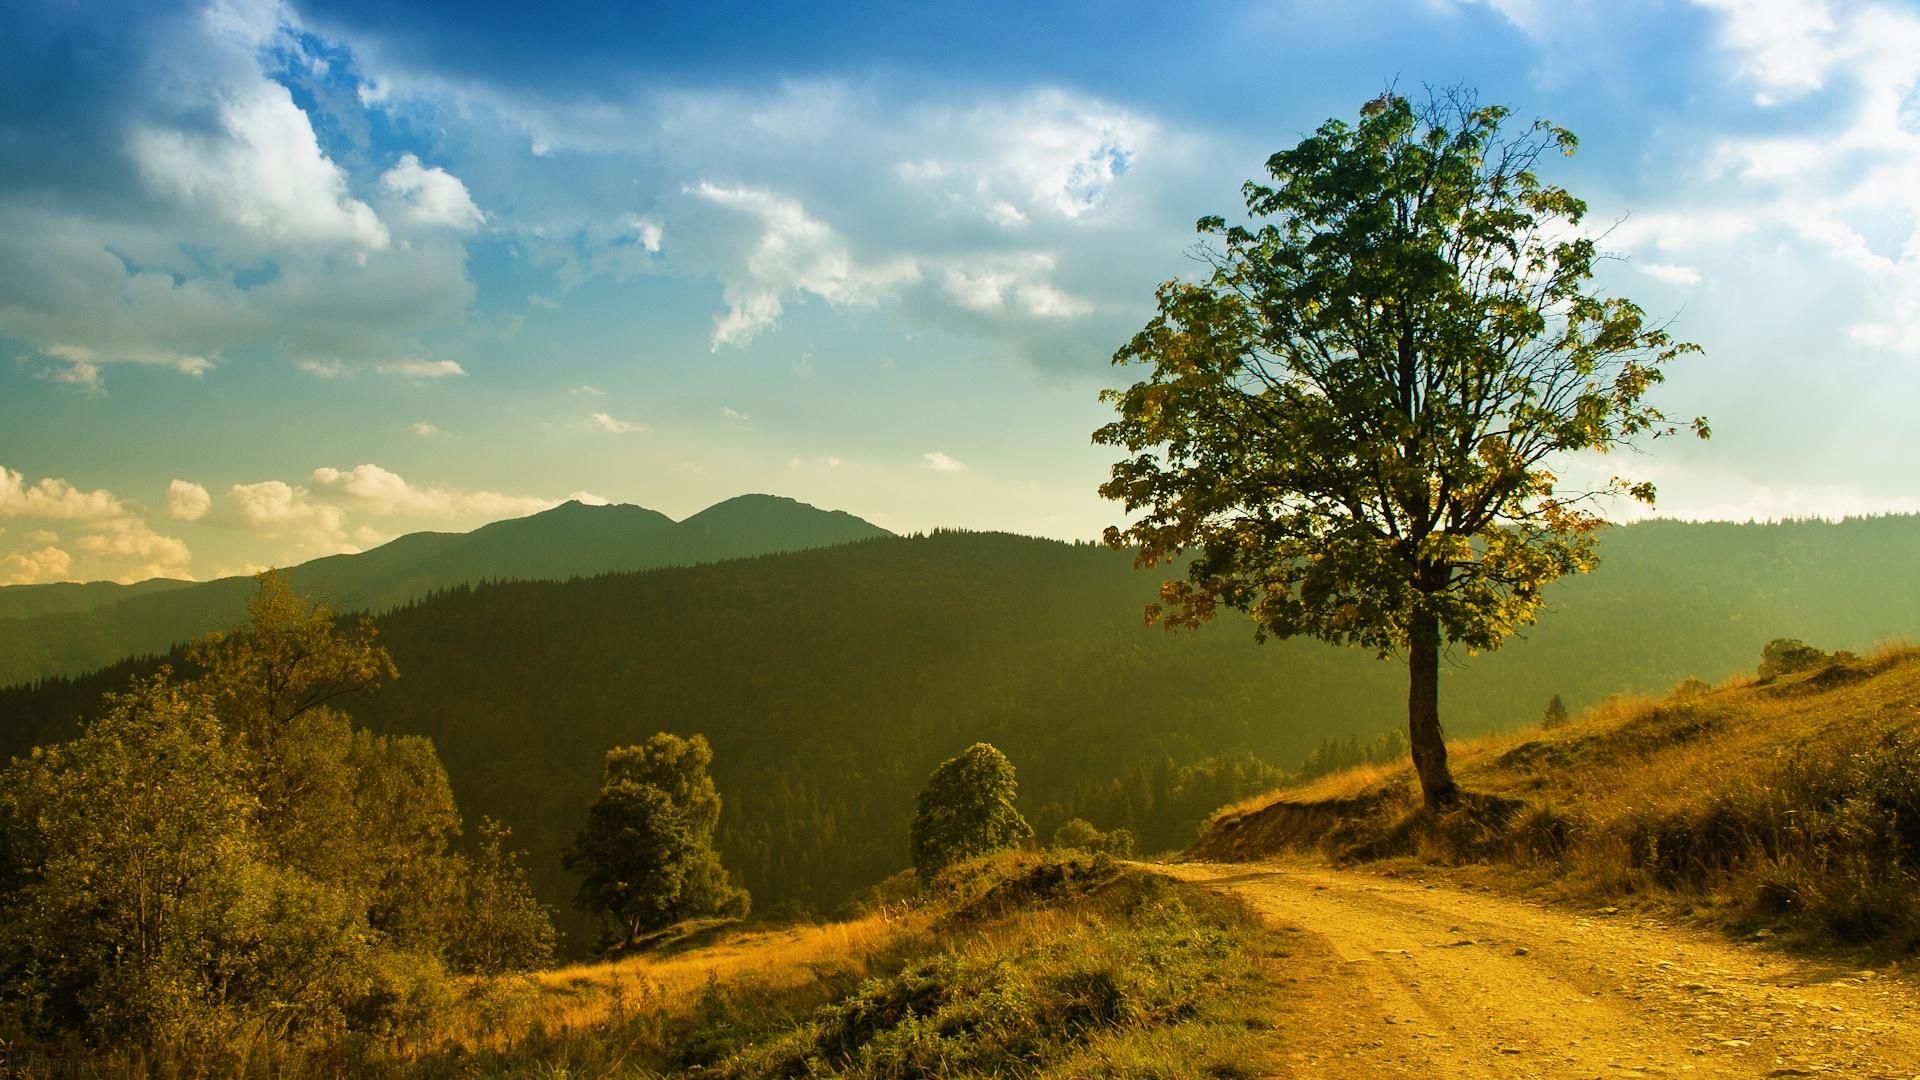 Hd wallpaper mountain - Montanha Da Paisagem Da Floresta 225 Rvores Trilha Grama